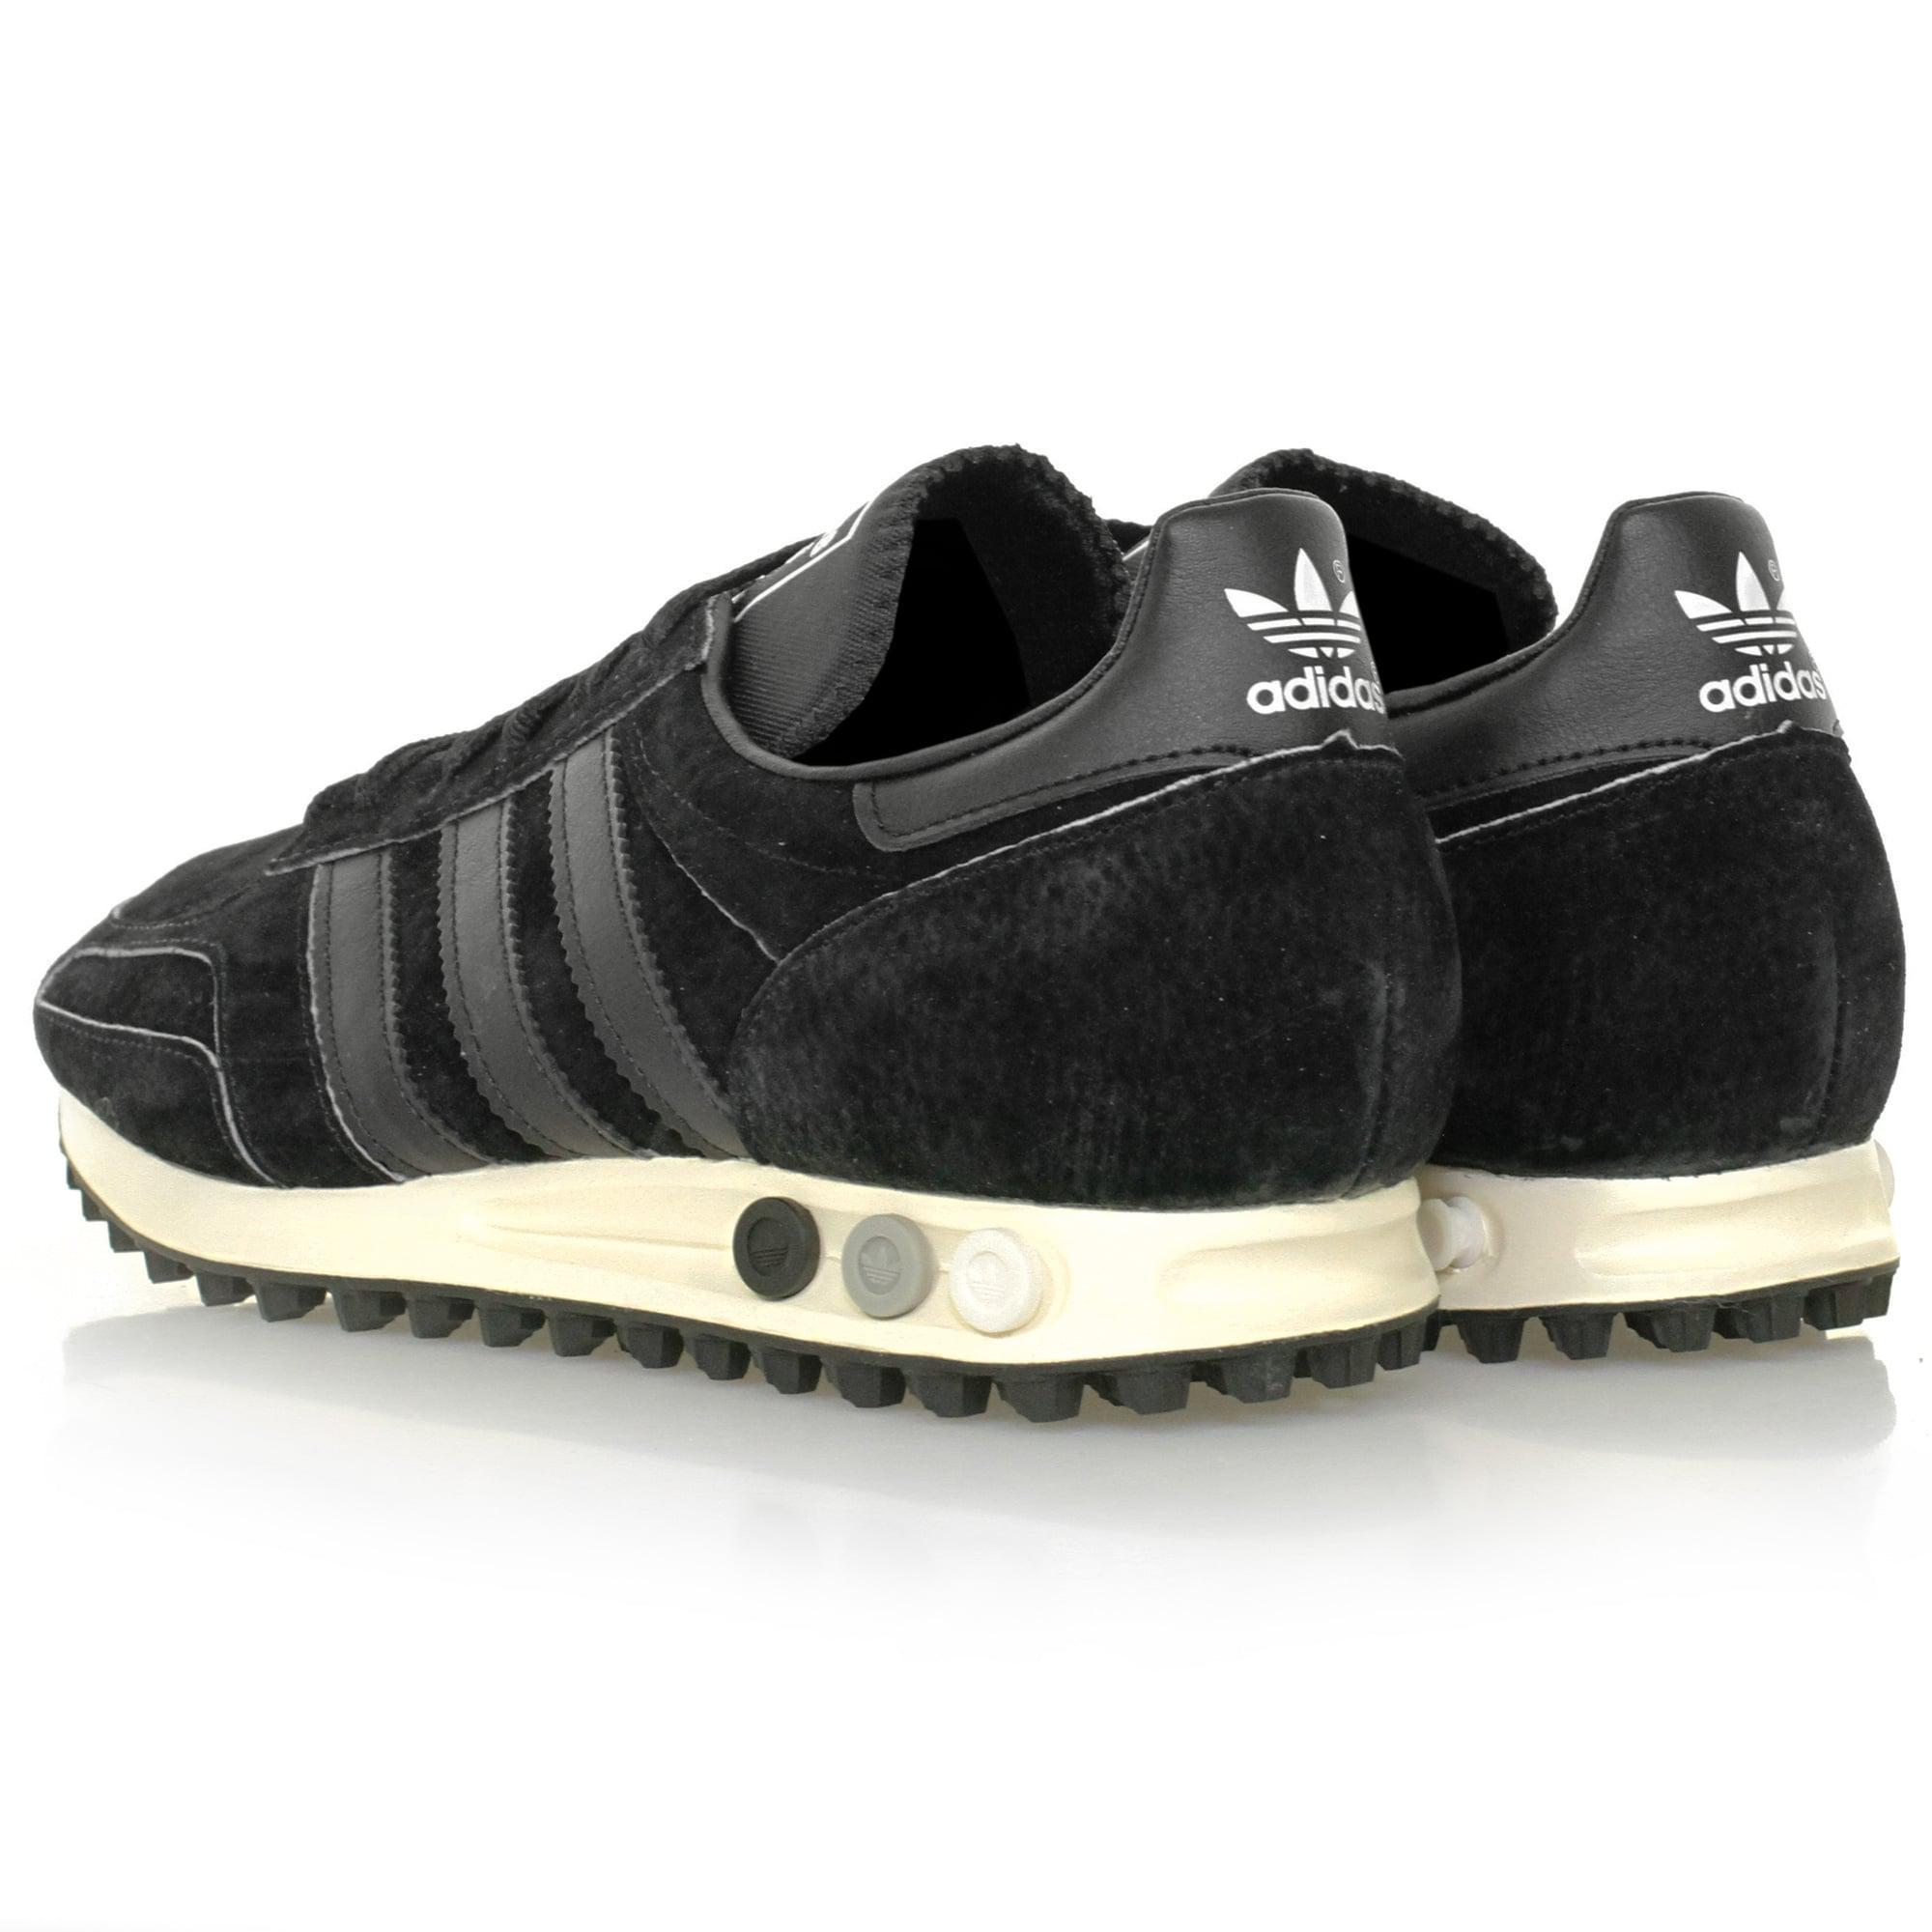 adidas Originals Suede La Trainer Og Black Shoe for Men